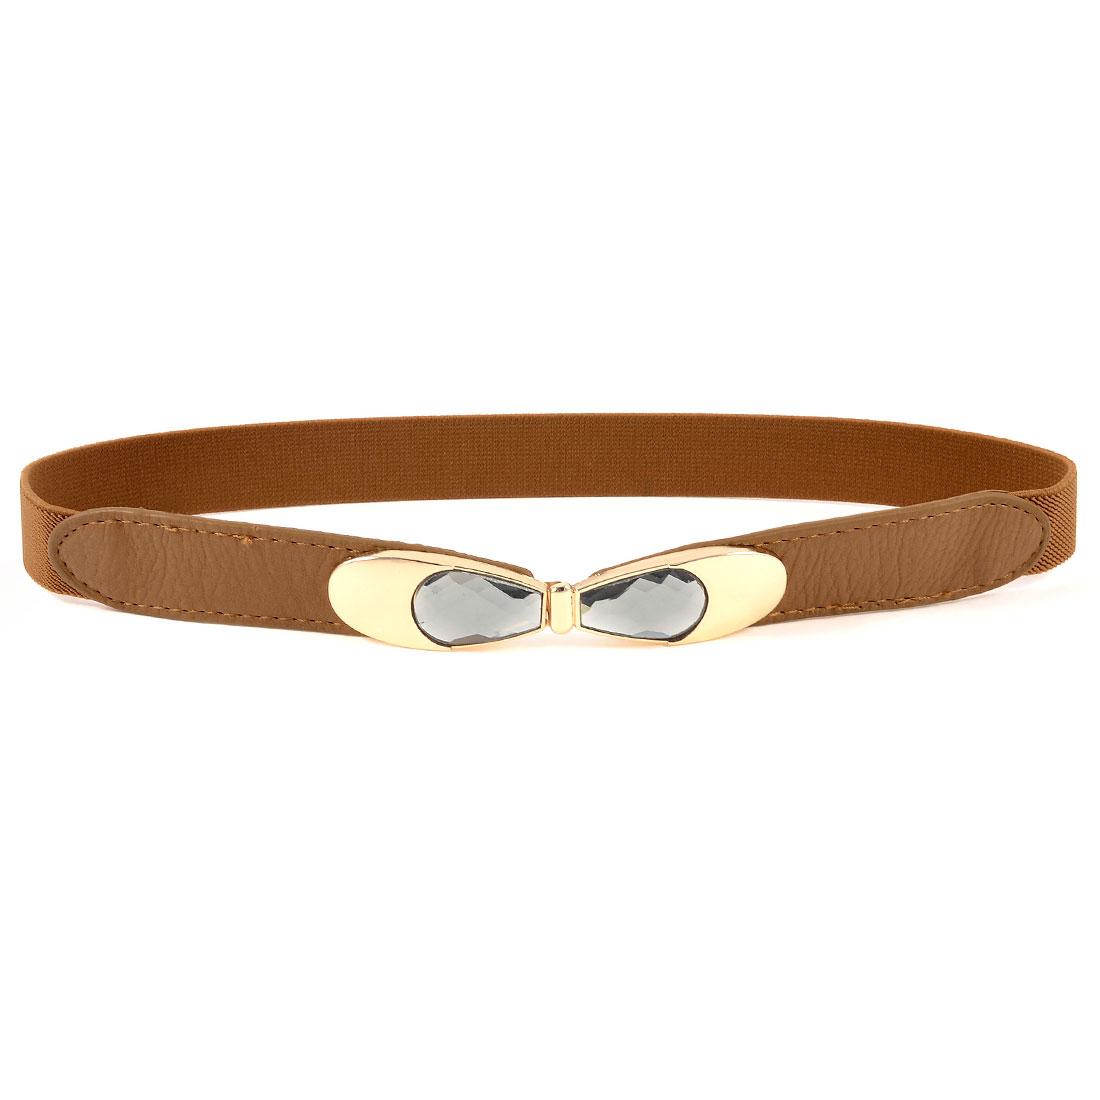 Woman Bowknot Design Interlock Buckle Stretchy Band Waistbelt Cinch Belt Brown